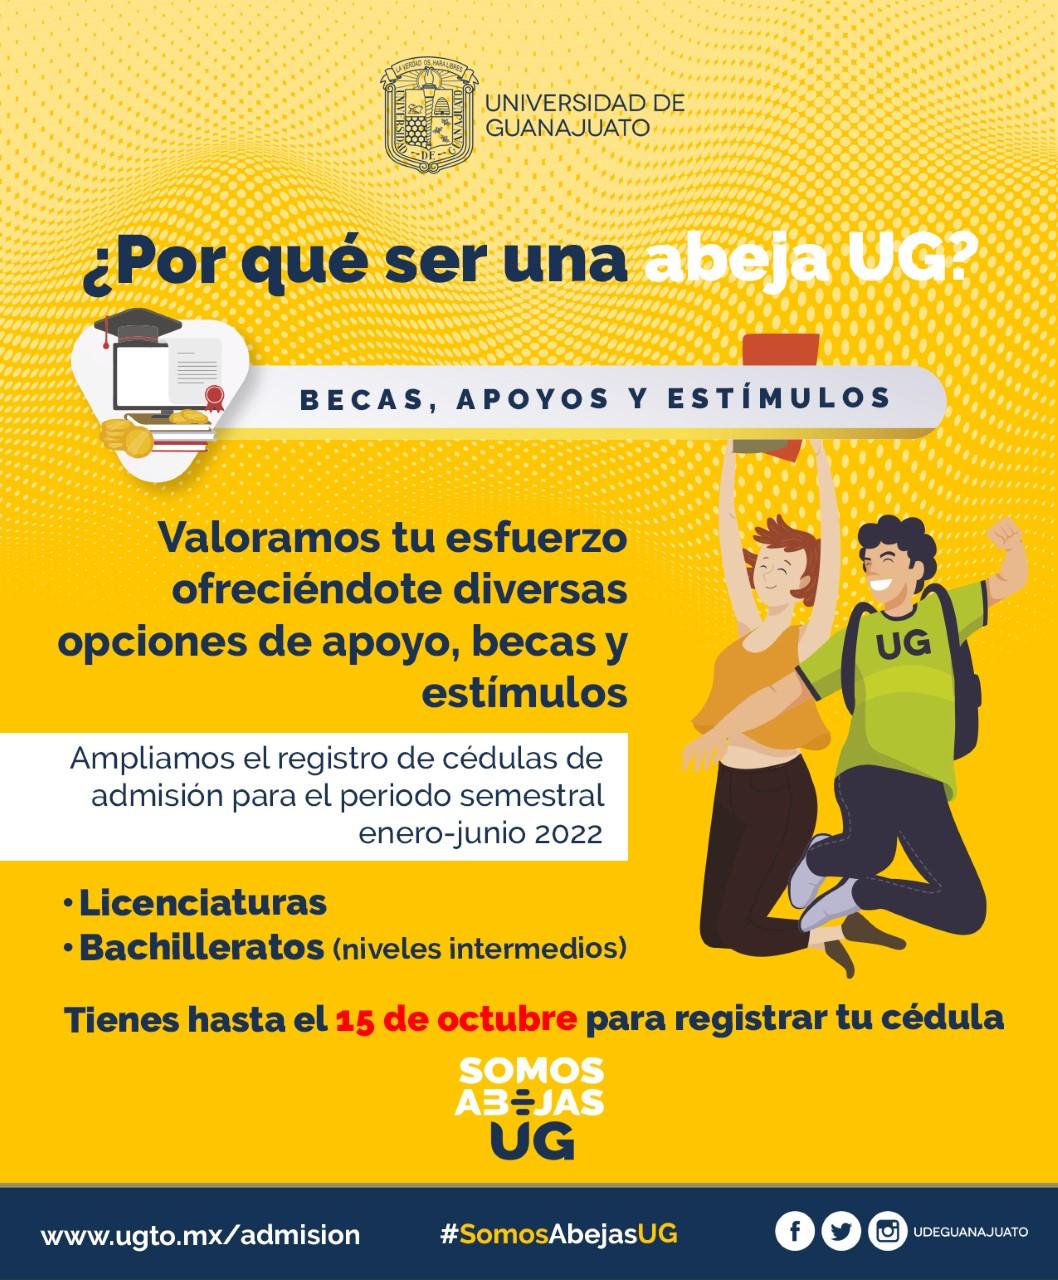 Amplía UG periodo de expedición de fichas de admisión